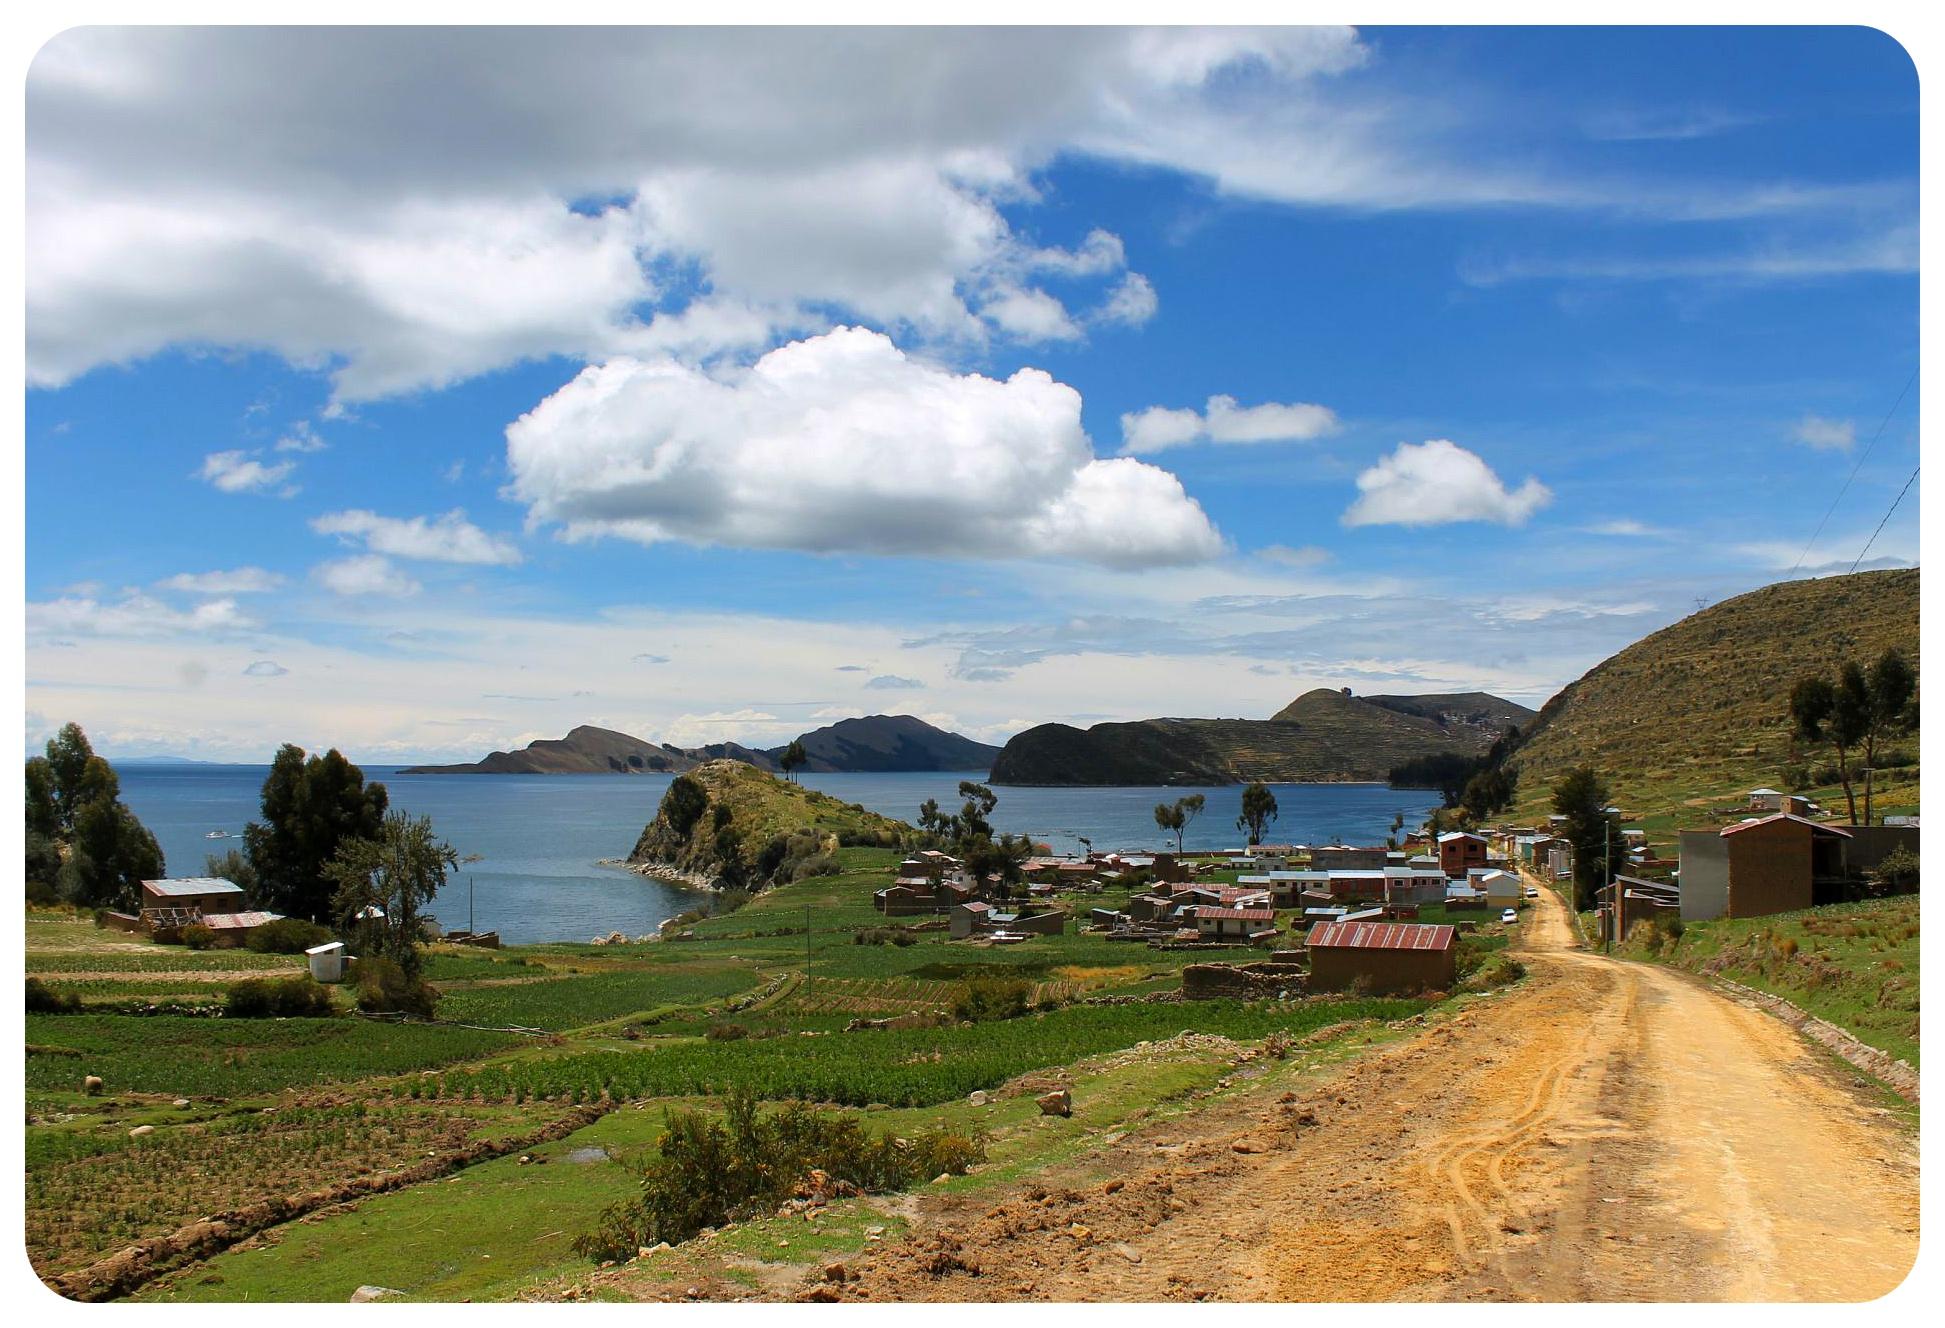 lake titicaca yampupata road